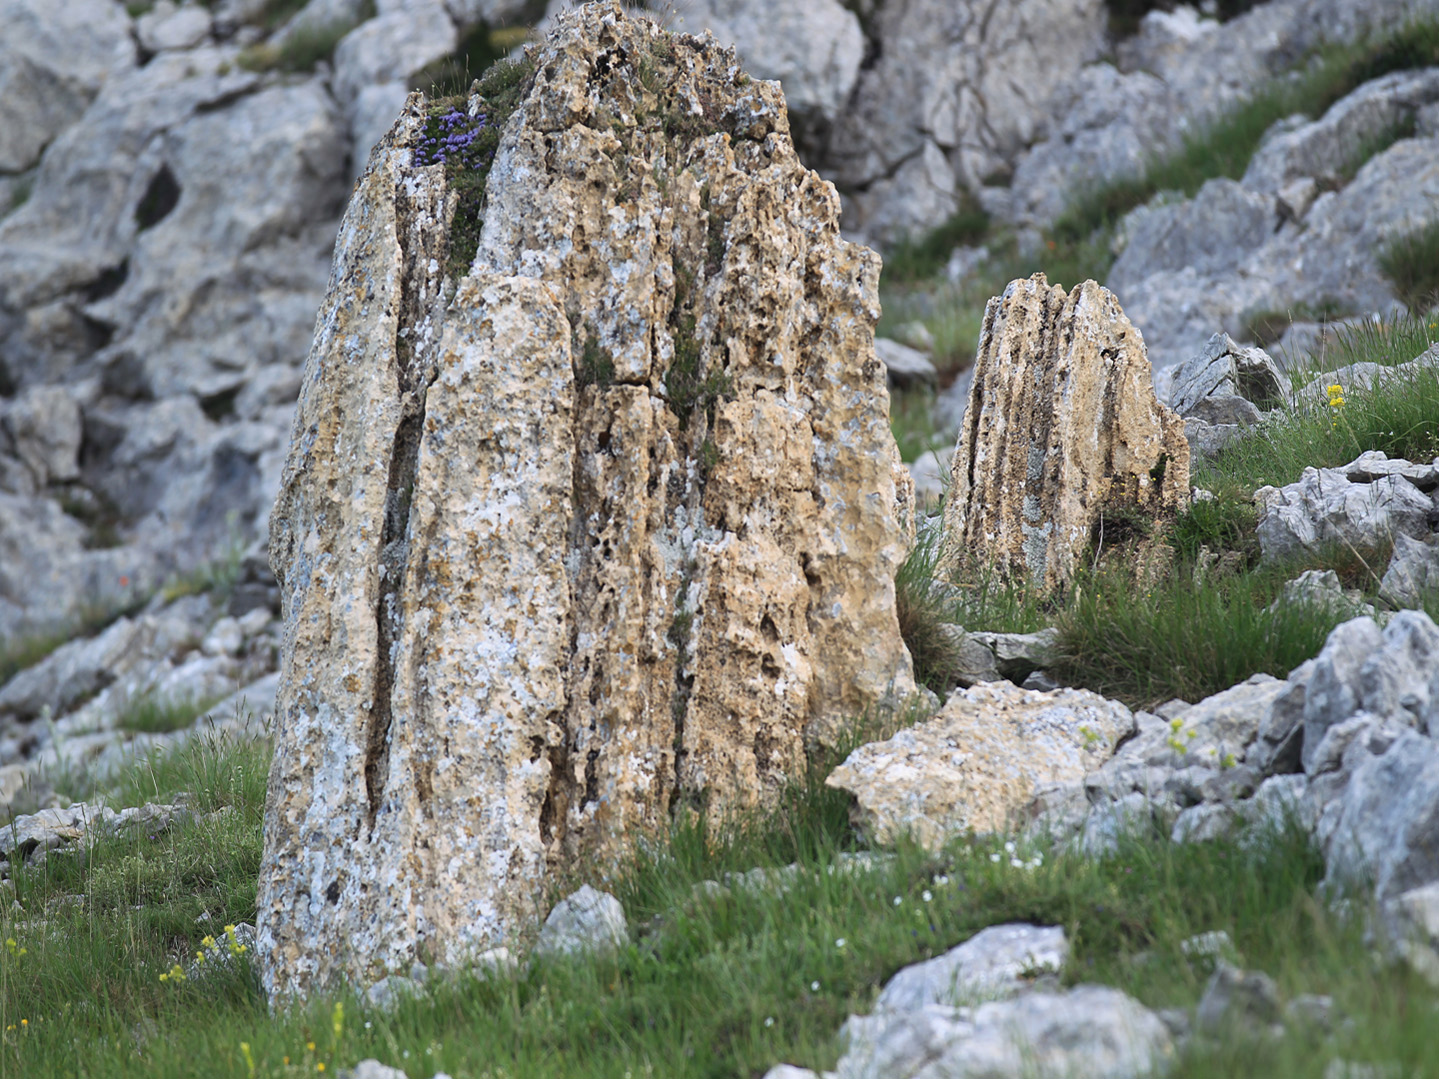 Filela Montaña Palentina Llena De Rocas Tan Variadas Como Sus